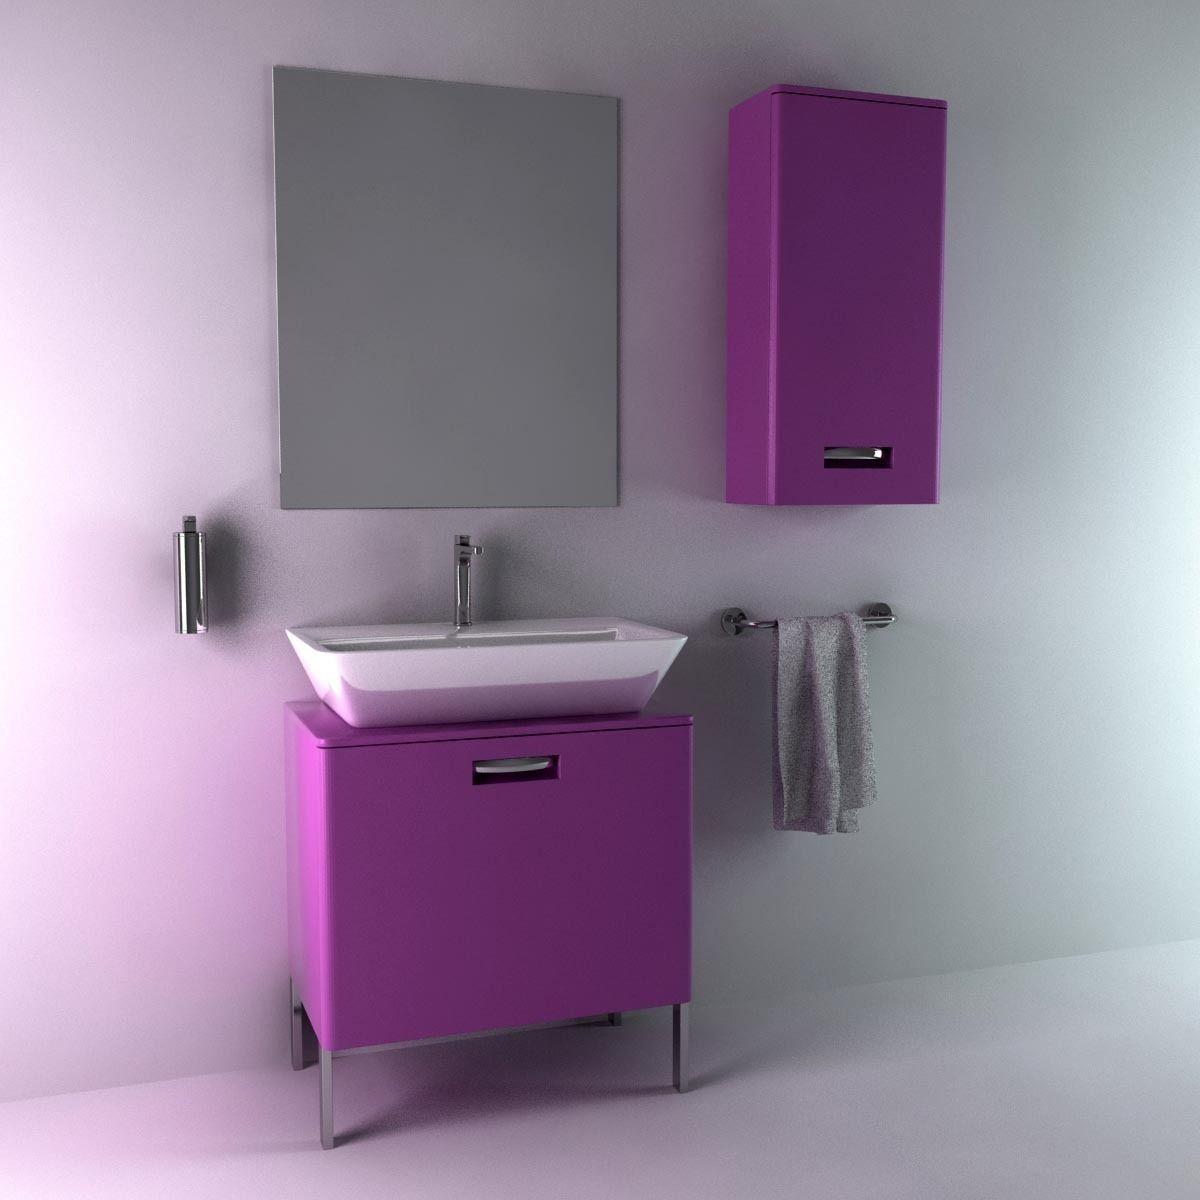 Roca gap bathroom furniture set 3d model max obj fbx mtl for Roca bathroom furniture